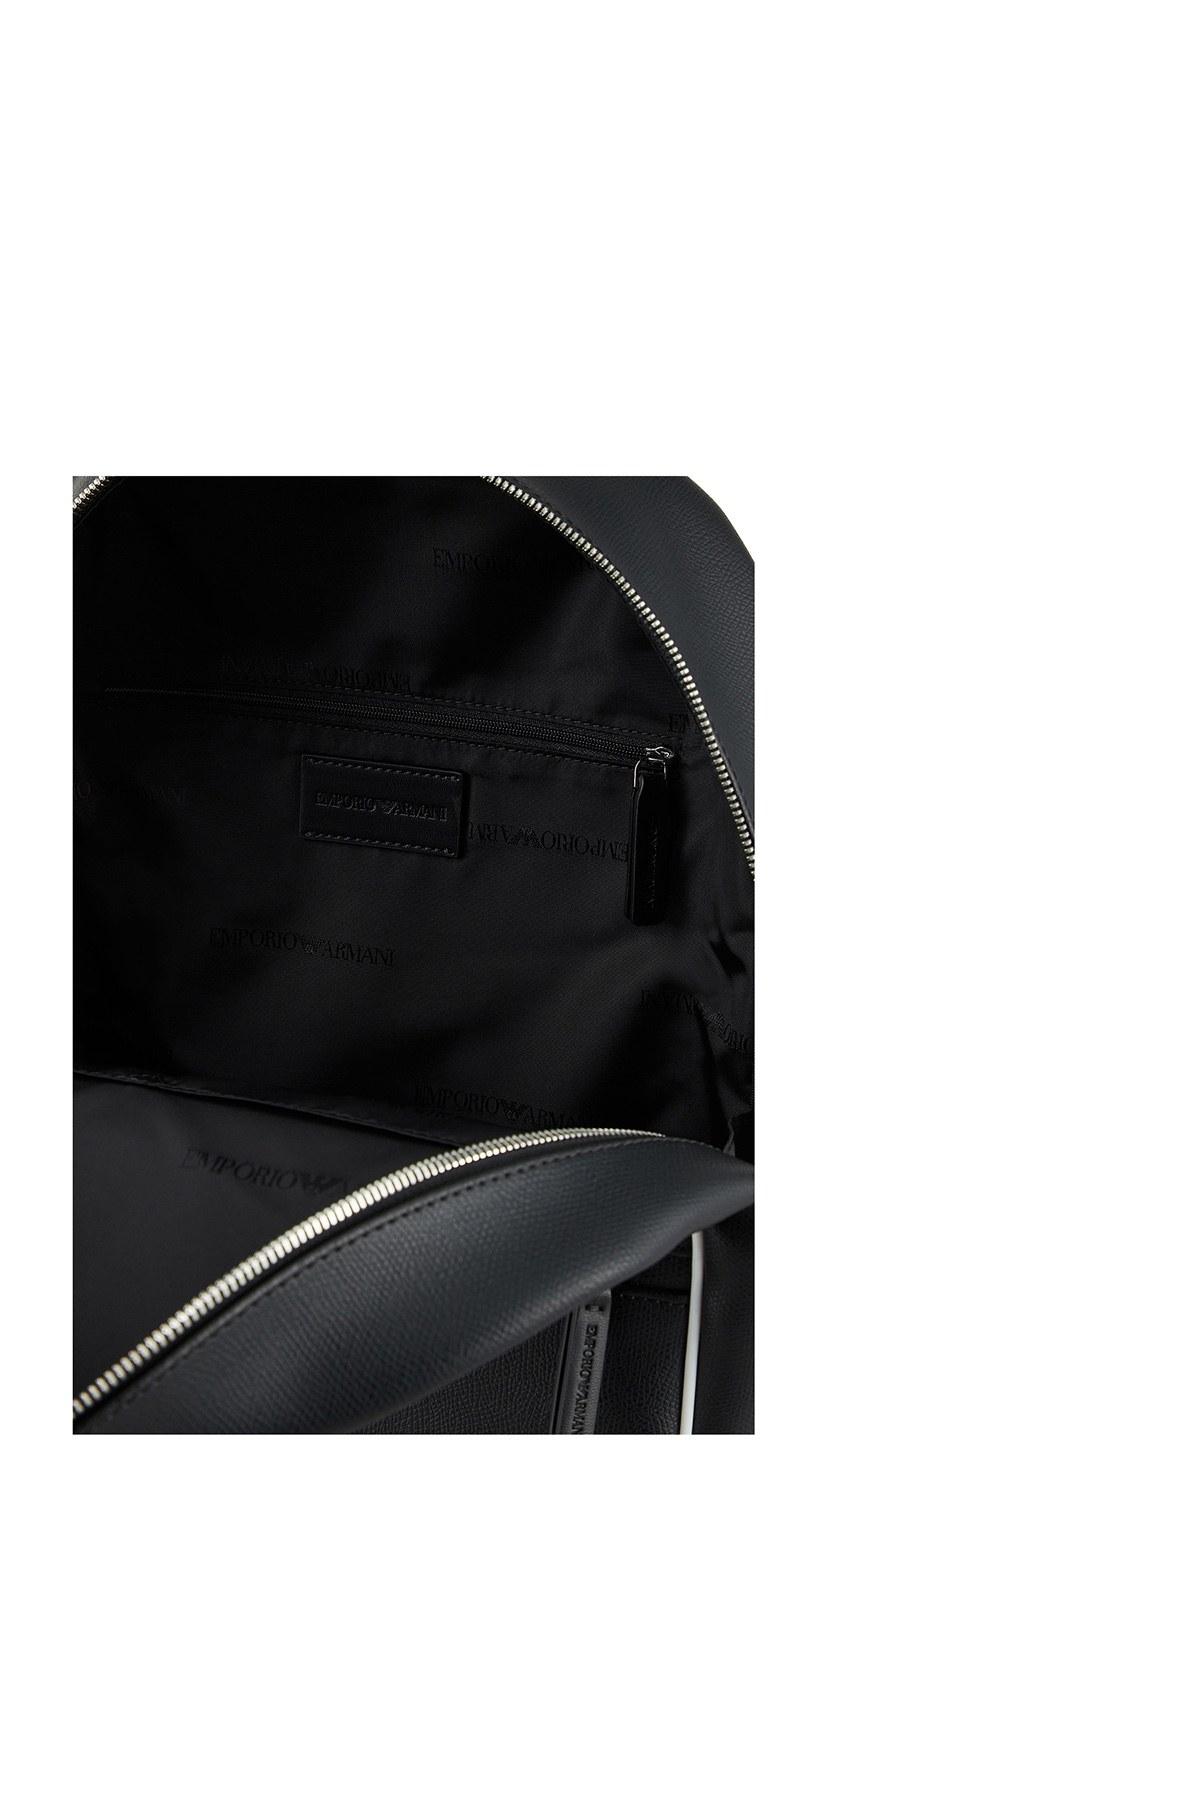 Emporio Armani Logo Baskılı Ayarlanabilir Askılı Sırt sı Erkek Çanta Y4O165 YFM4J 83896 SİYAH